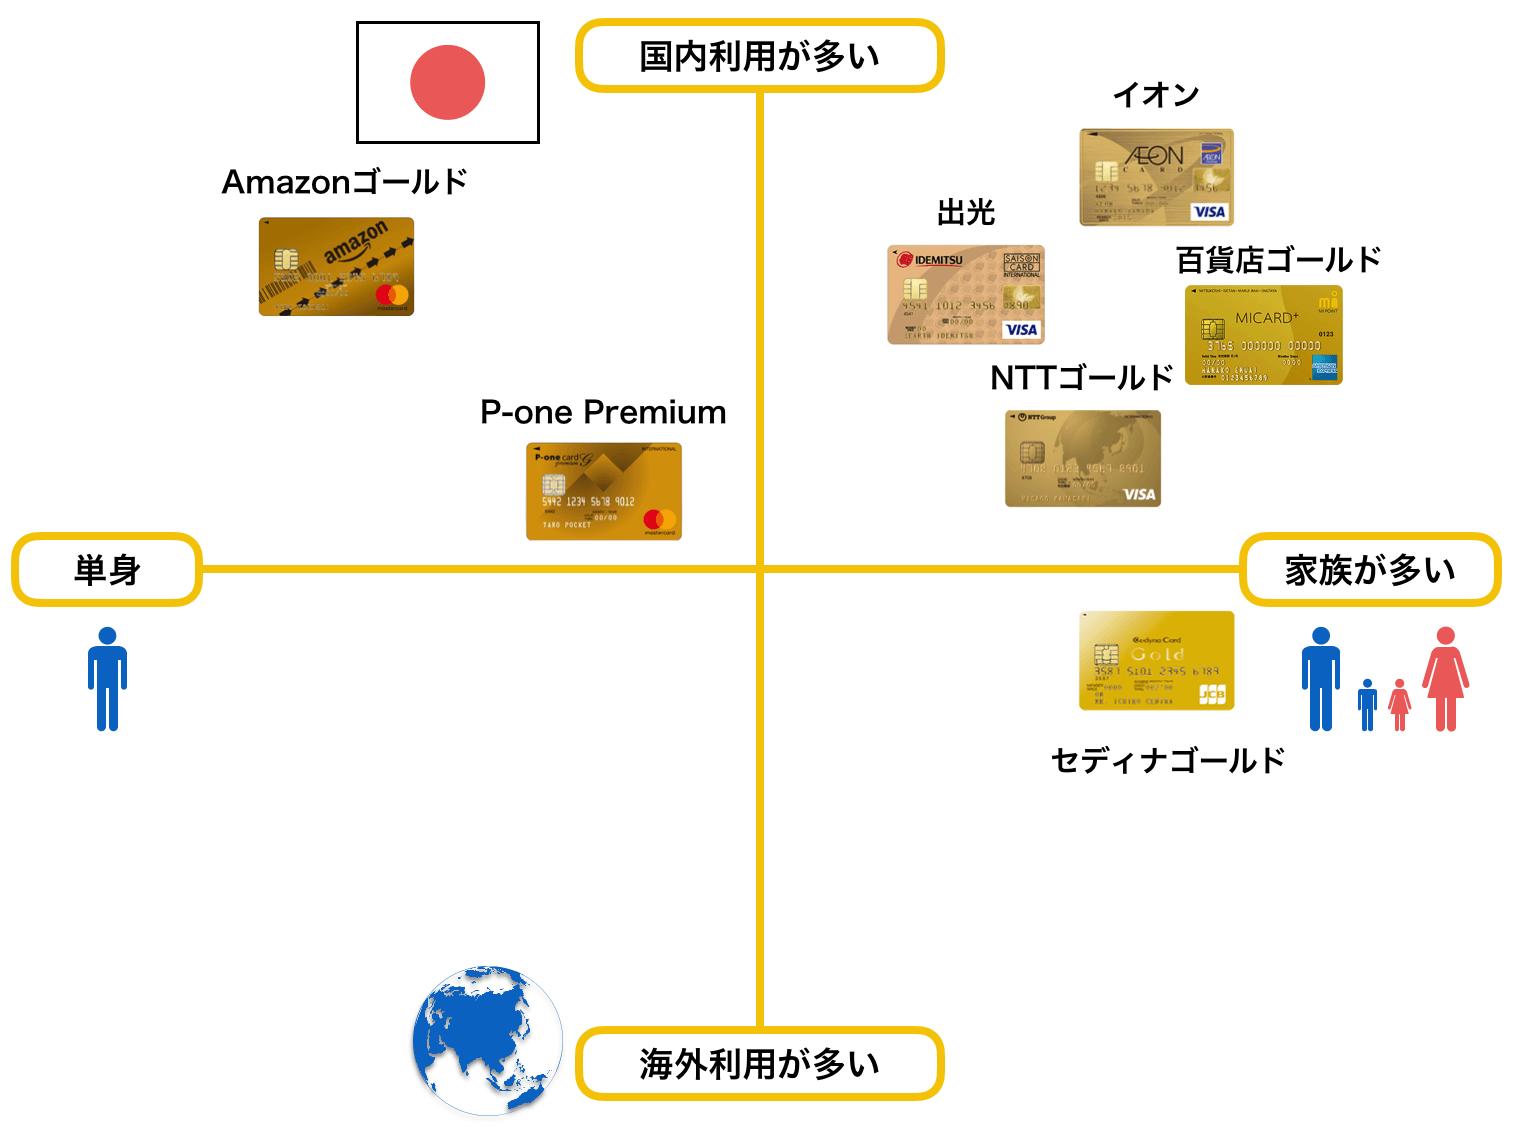 ゴールドカードのおすすめ 40代 ポジショニングマップ(2019年版)